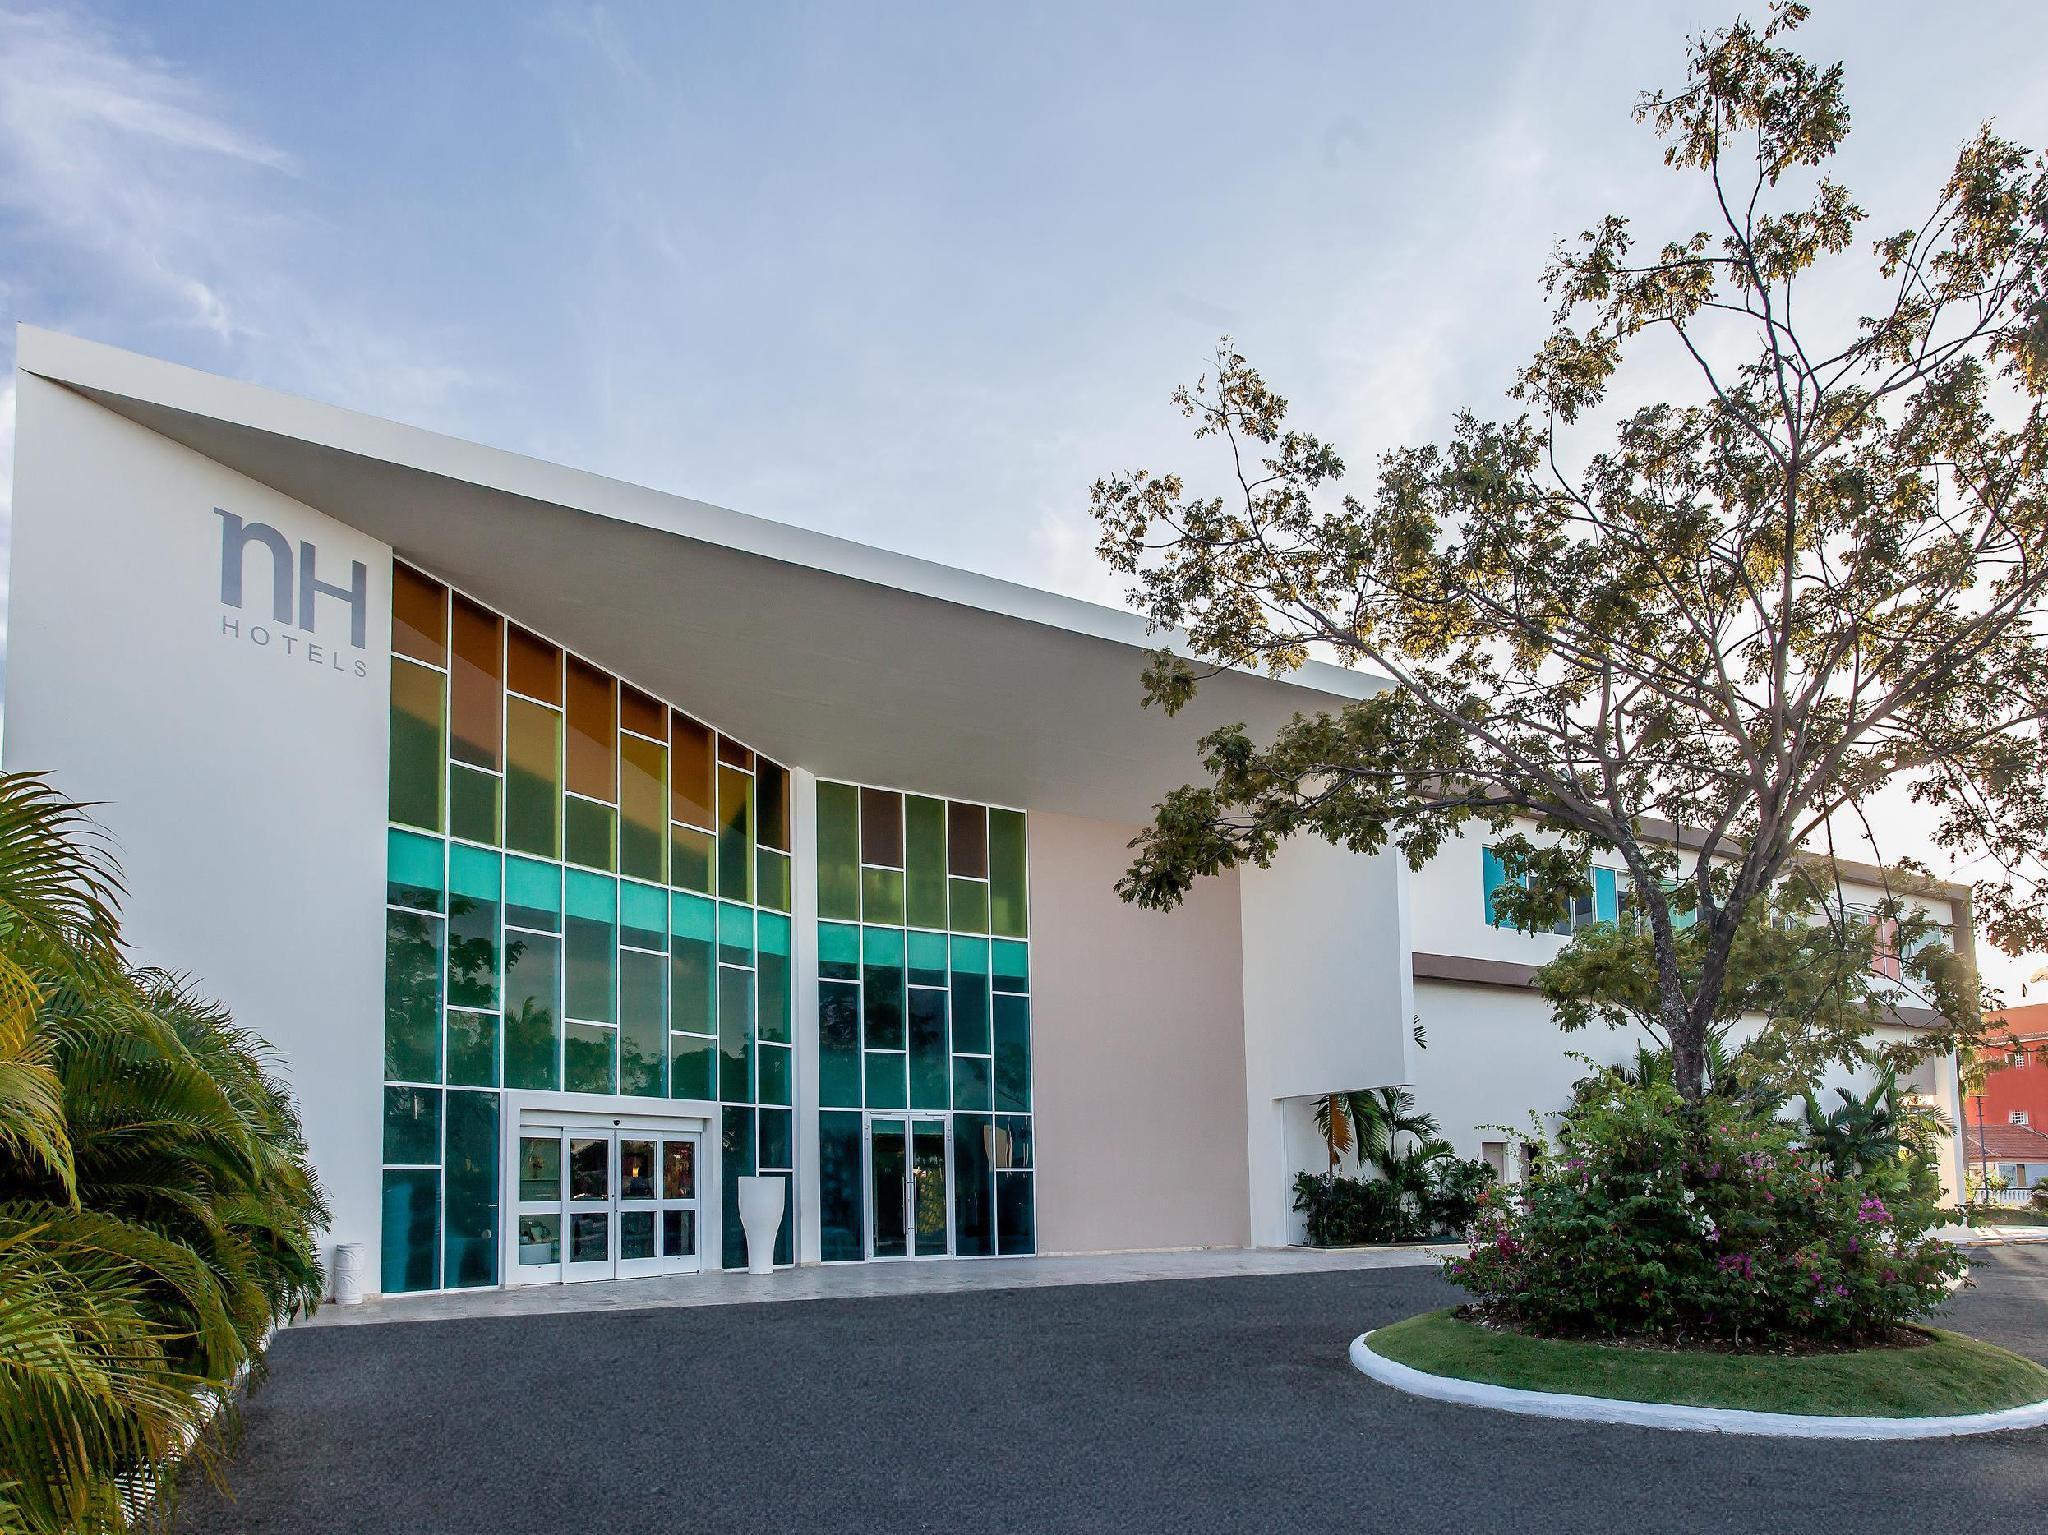 NH Punta Cana Hotel Deals